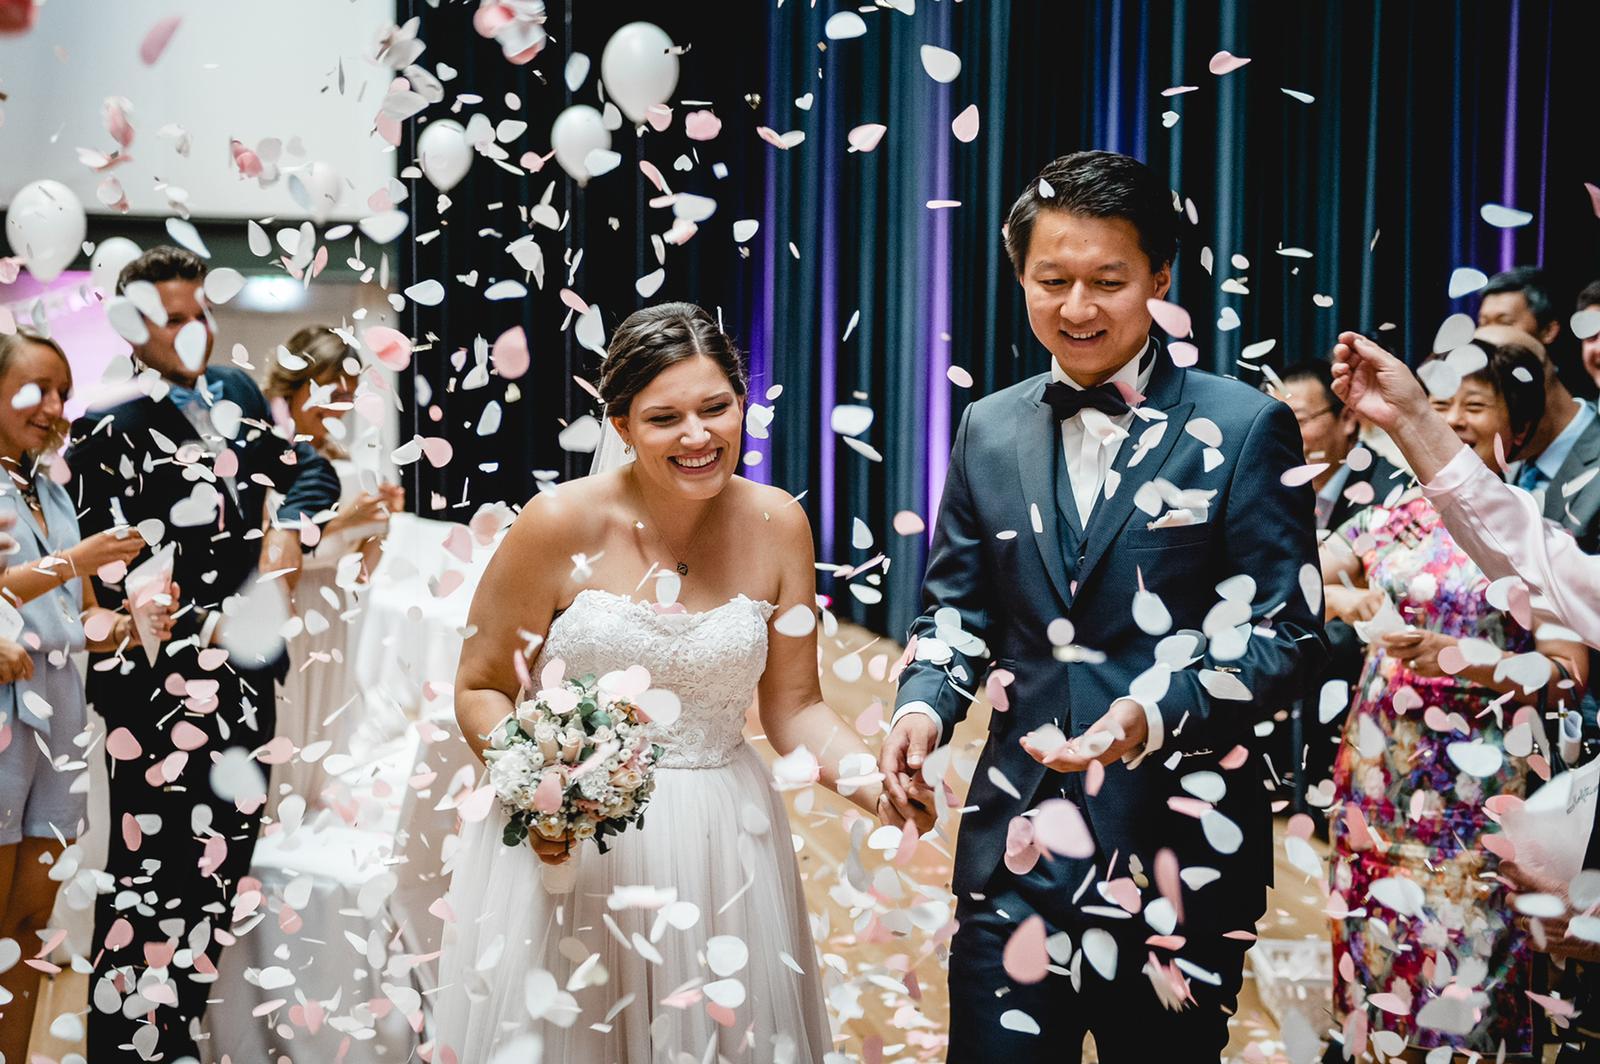 Wunderschöner Brautpaar-Auszug